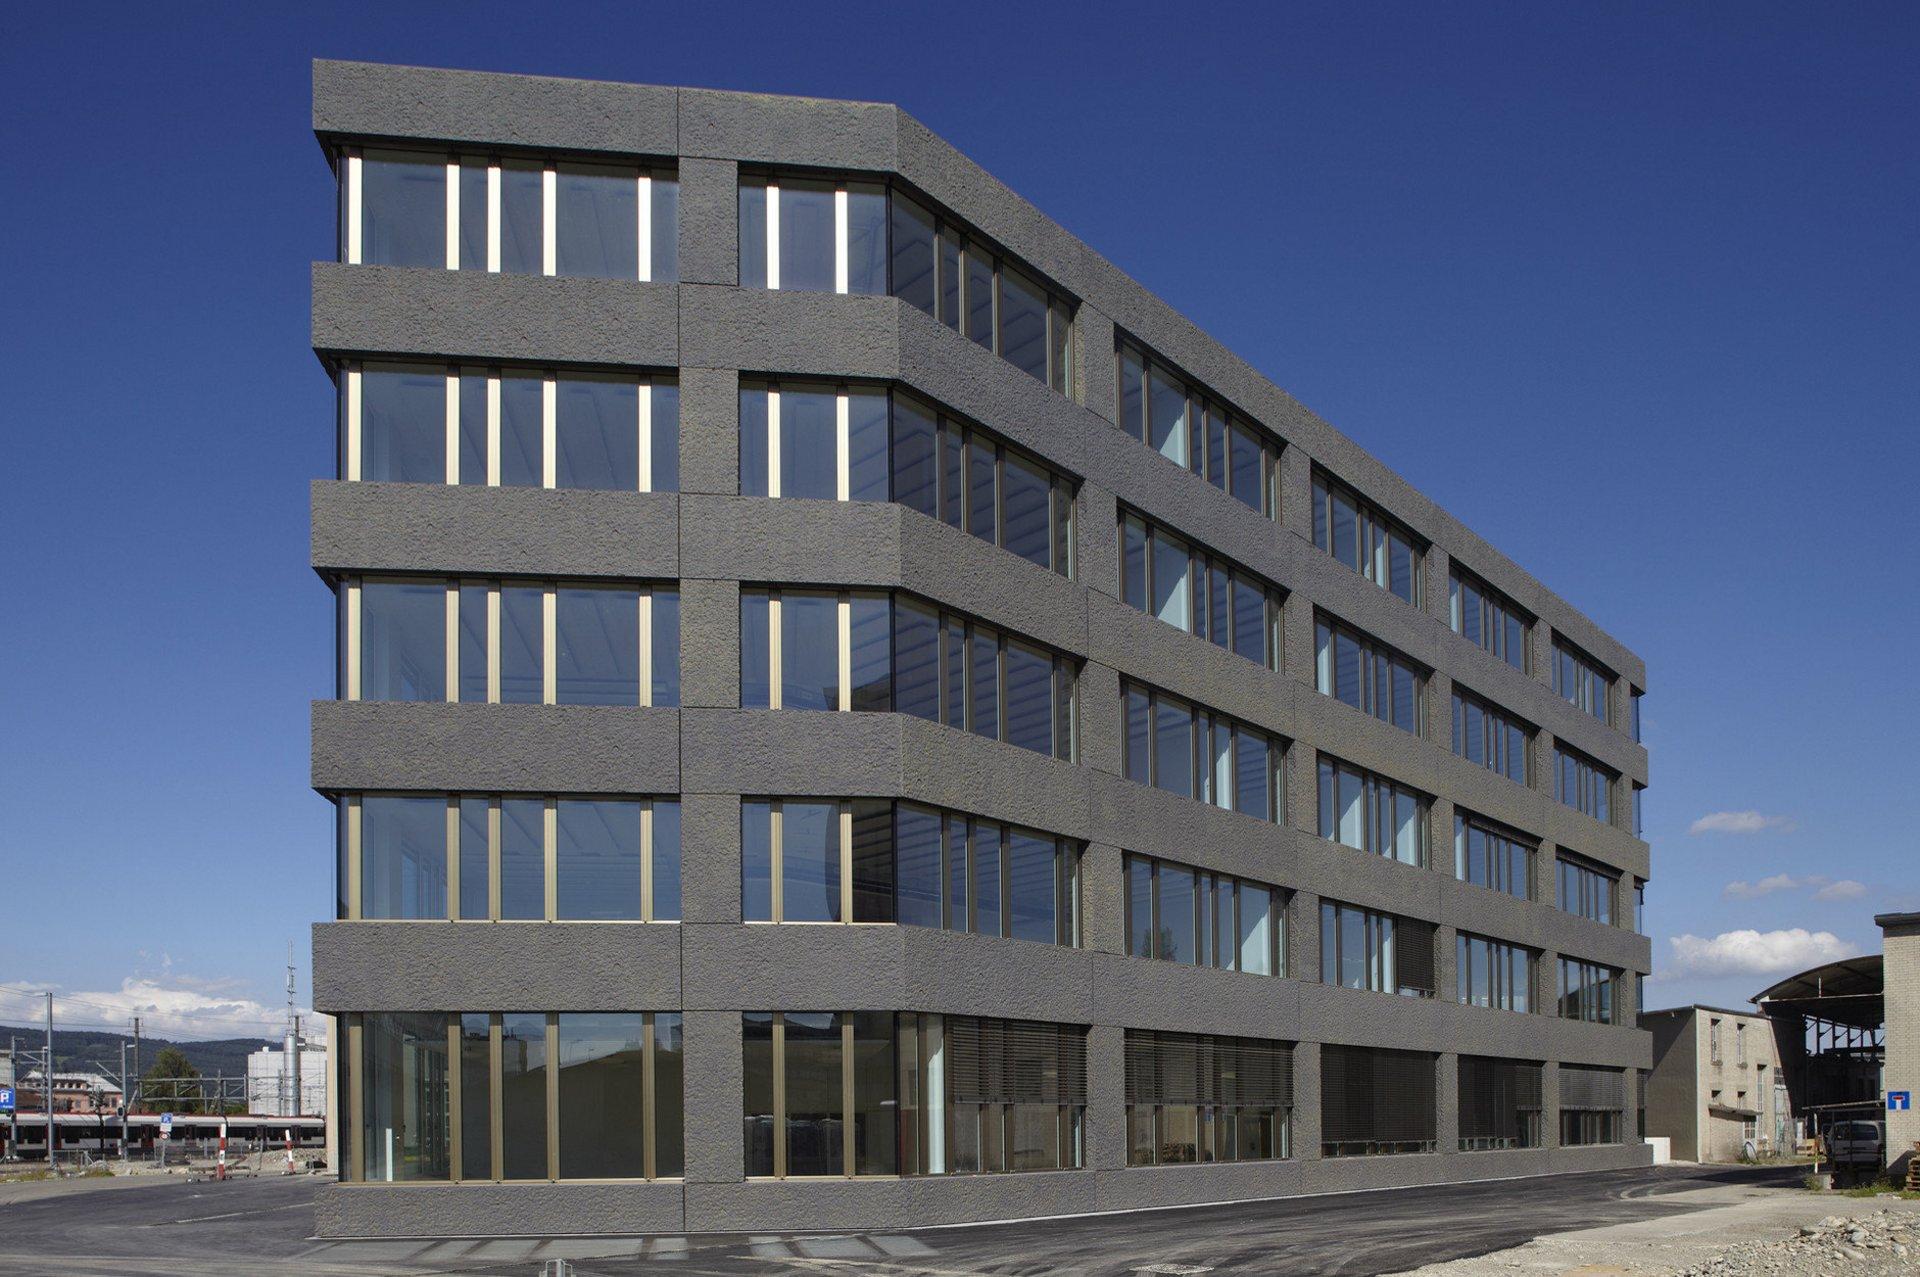 Mehreckiges Bürogebäude mit grossflächigen Lichtbänder in Holz-Metall